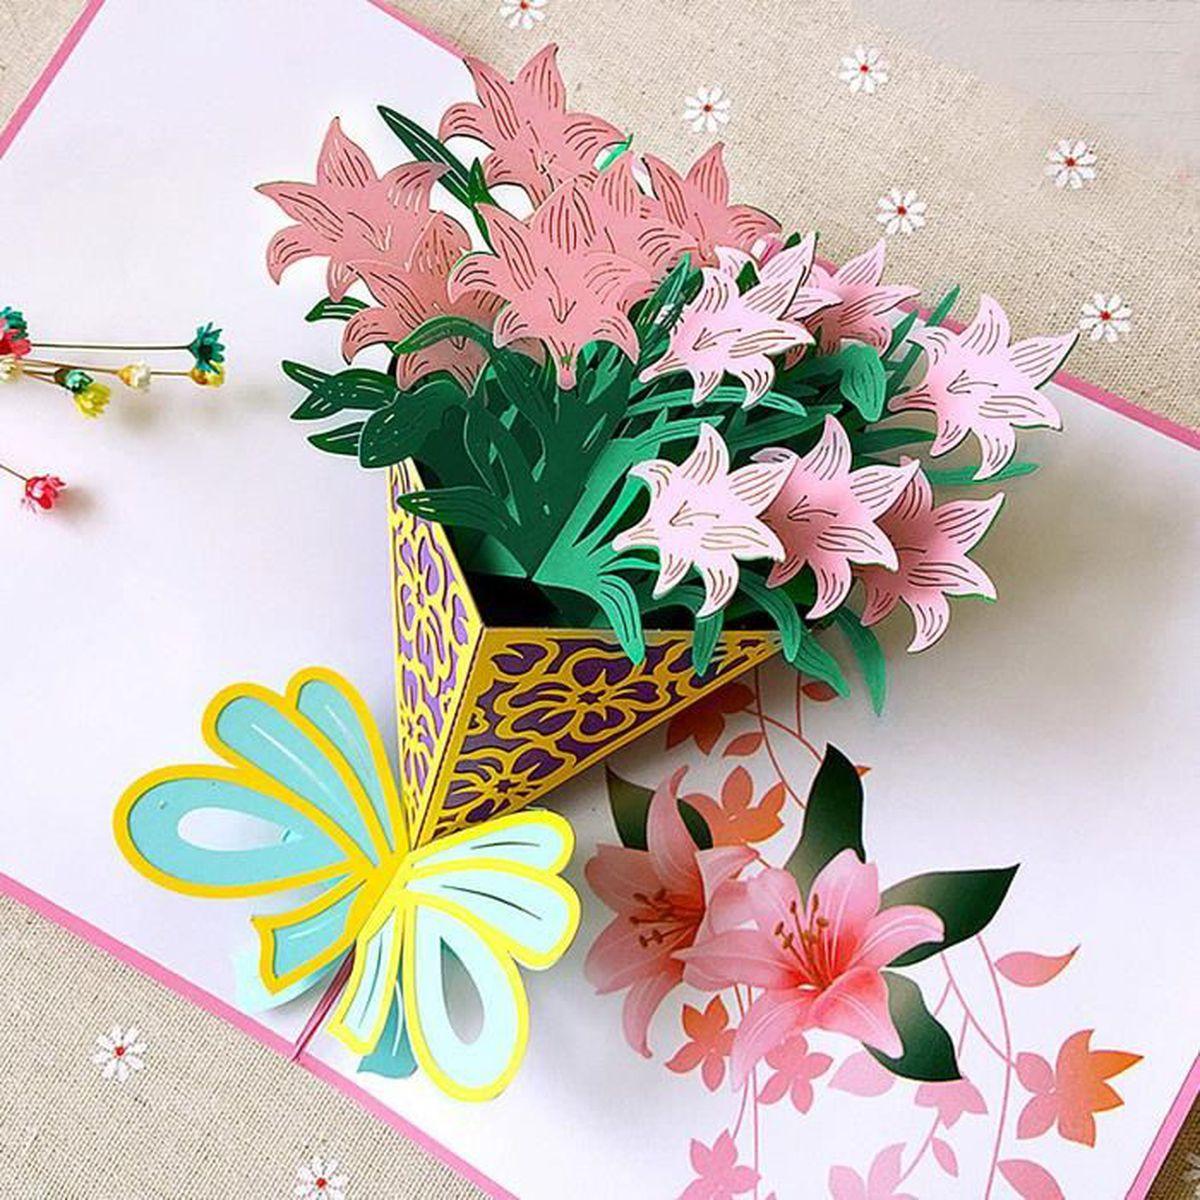 Carte Anniversaire Mariage Carte Pop Up 3d Forme D Fleur Pour Fete Des Meres Journee Des Enseignants Saint Valentin Achat Vente Bricolage Etabli Cdiscount